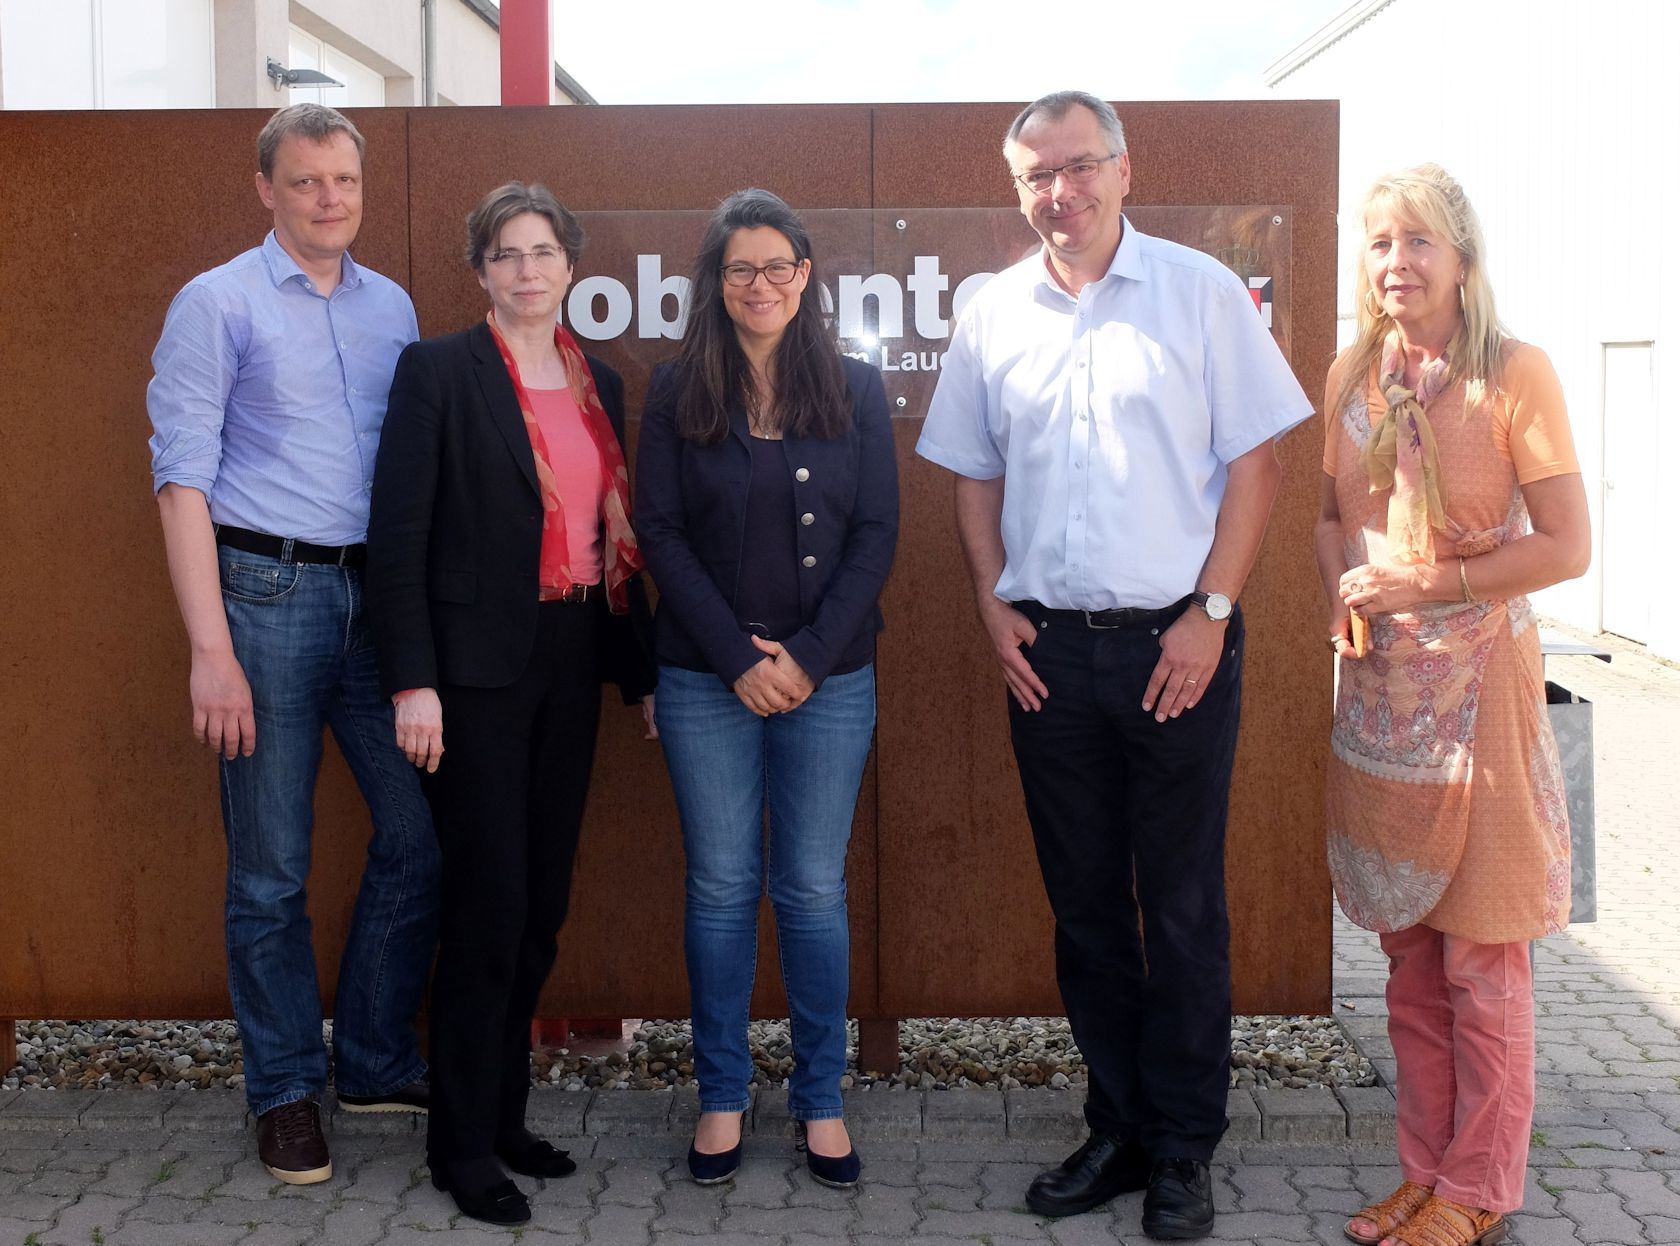 Foto: v.l.n.r.: Wellmann, Grote-Seifert, Scheer, Elsweier, Meyer-Hamann